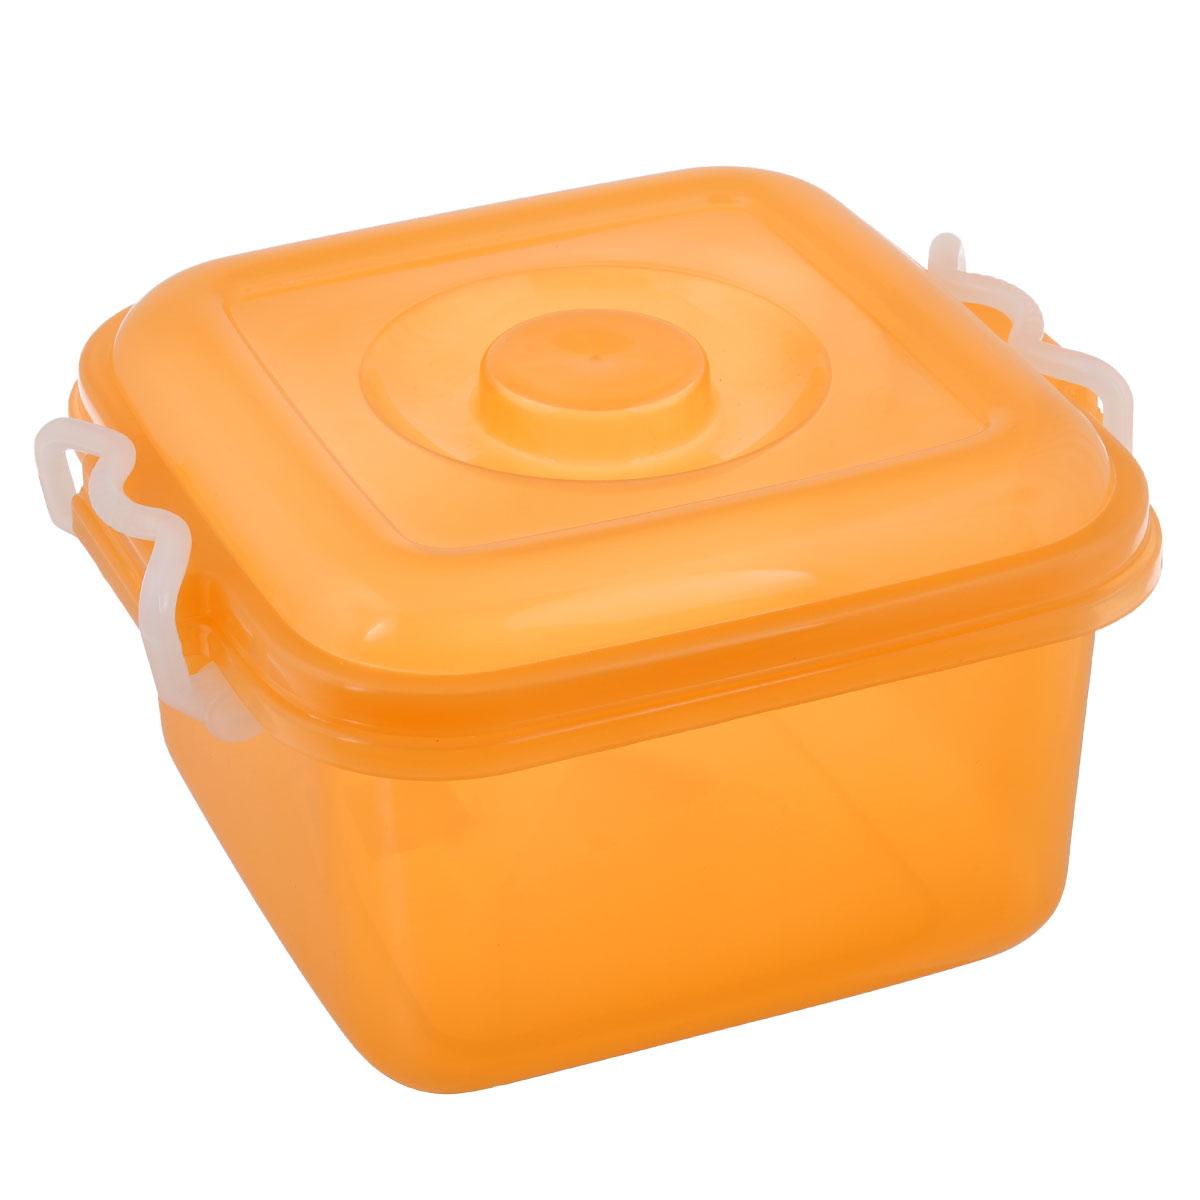 Контейнер для хранения Idea Океаник, цвет: оранжевый, 6 лМ 2855Контейнер Idea Океаник выполнен из пищевого пластика, предназначен для хранения различных вещей. Контейнер снабжен эргономичной плотно закрывающейся крышкой со специальными боковыми фиксаторами. Объем контейнера: 6 л.